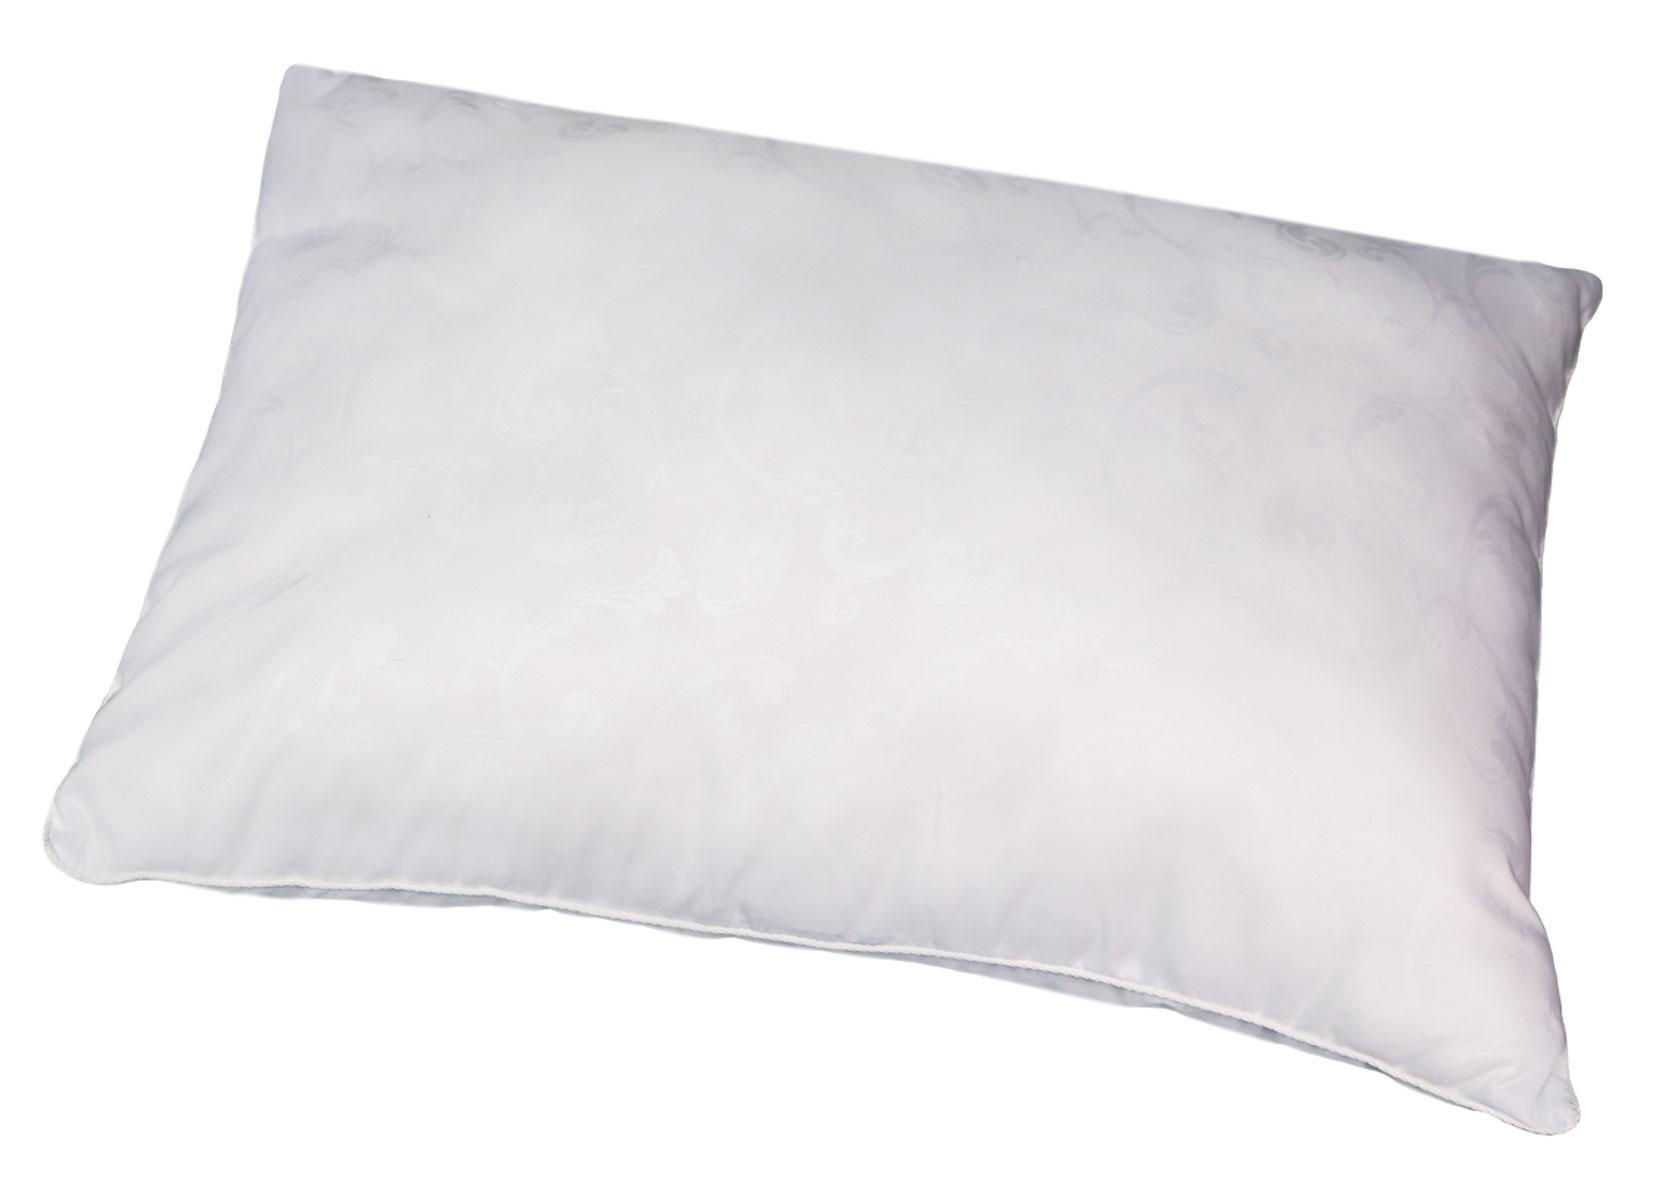 Подушка Bio-Textiles Сила природы, наполнитель: лузга гречихи, 40 х 60 см